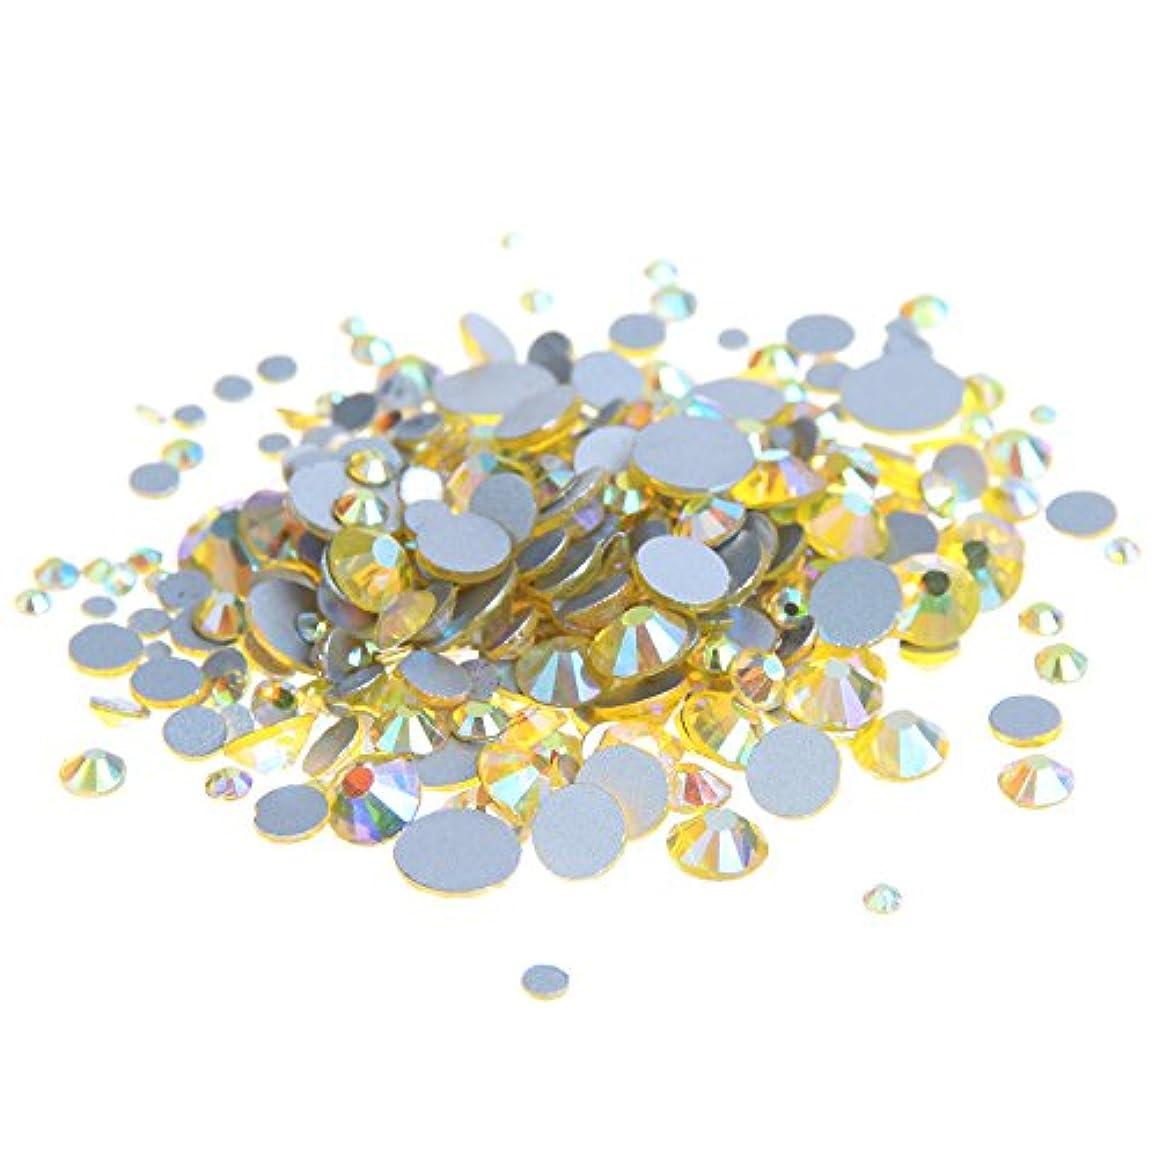 素朴なカリング致命的なNizi ジュエリー ブランド シトリンオーロラ ラインストーン は ガラスの材質 ネイル使用 型番ss3-ss30 (SS20 1440pcs)